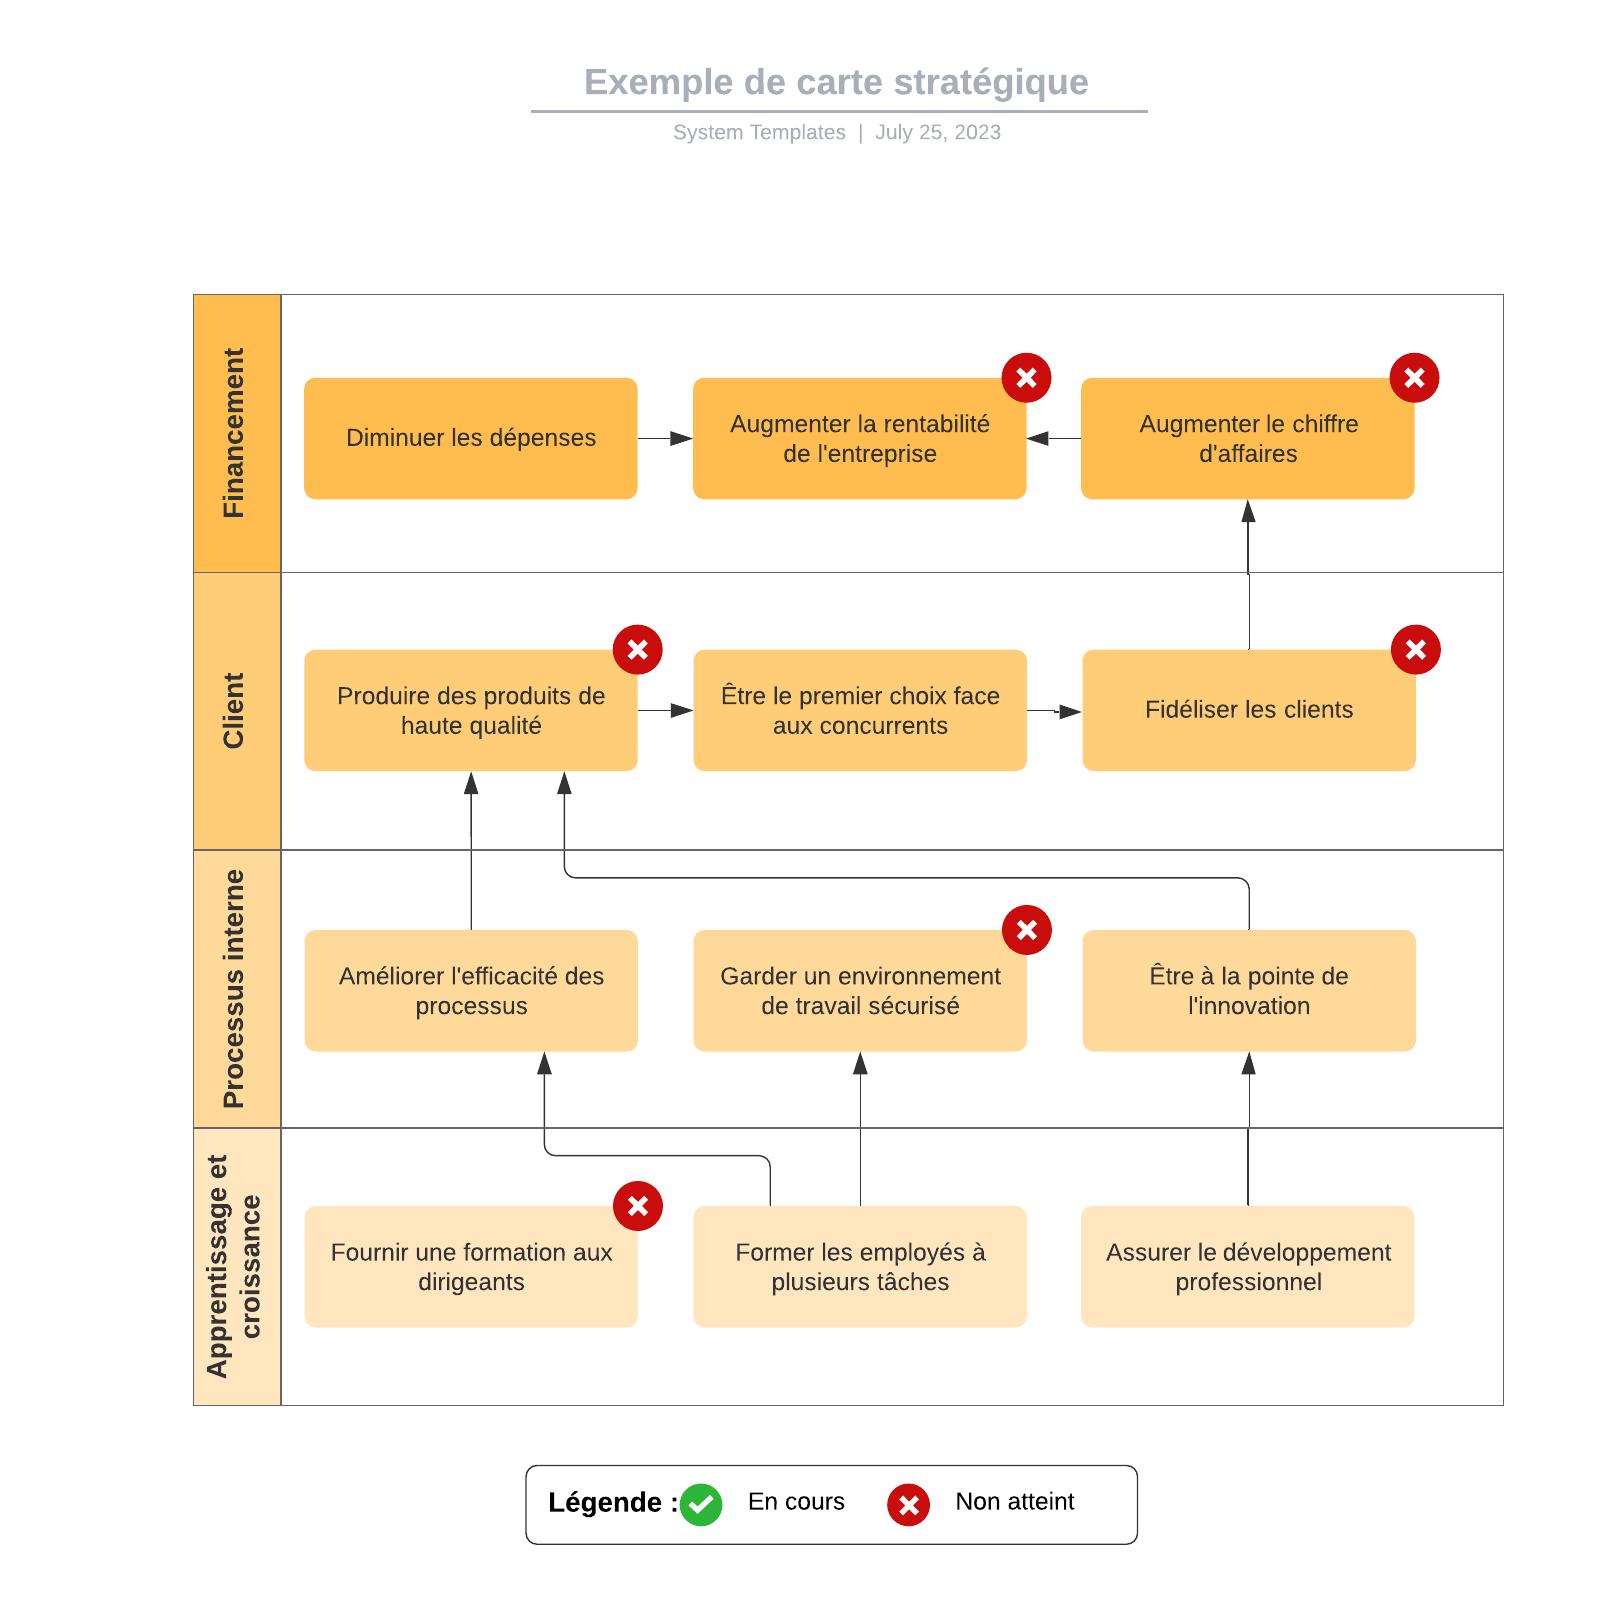 exemple de carte stratégique